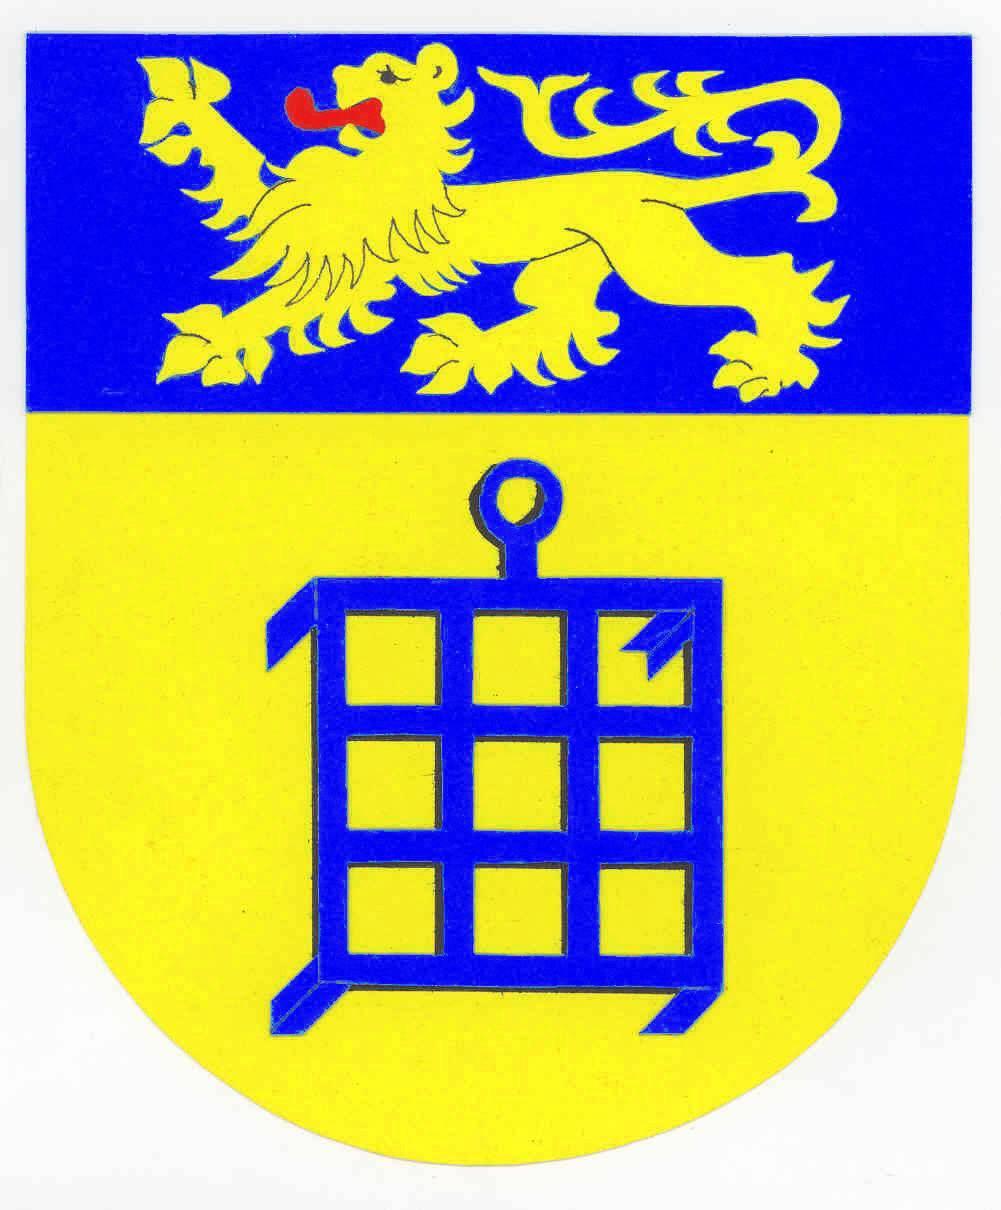 Wappen GemeindeMunkbrarup, Kreis Schleswig-Flensburg